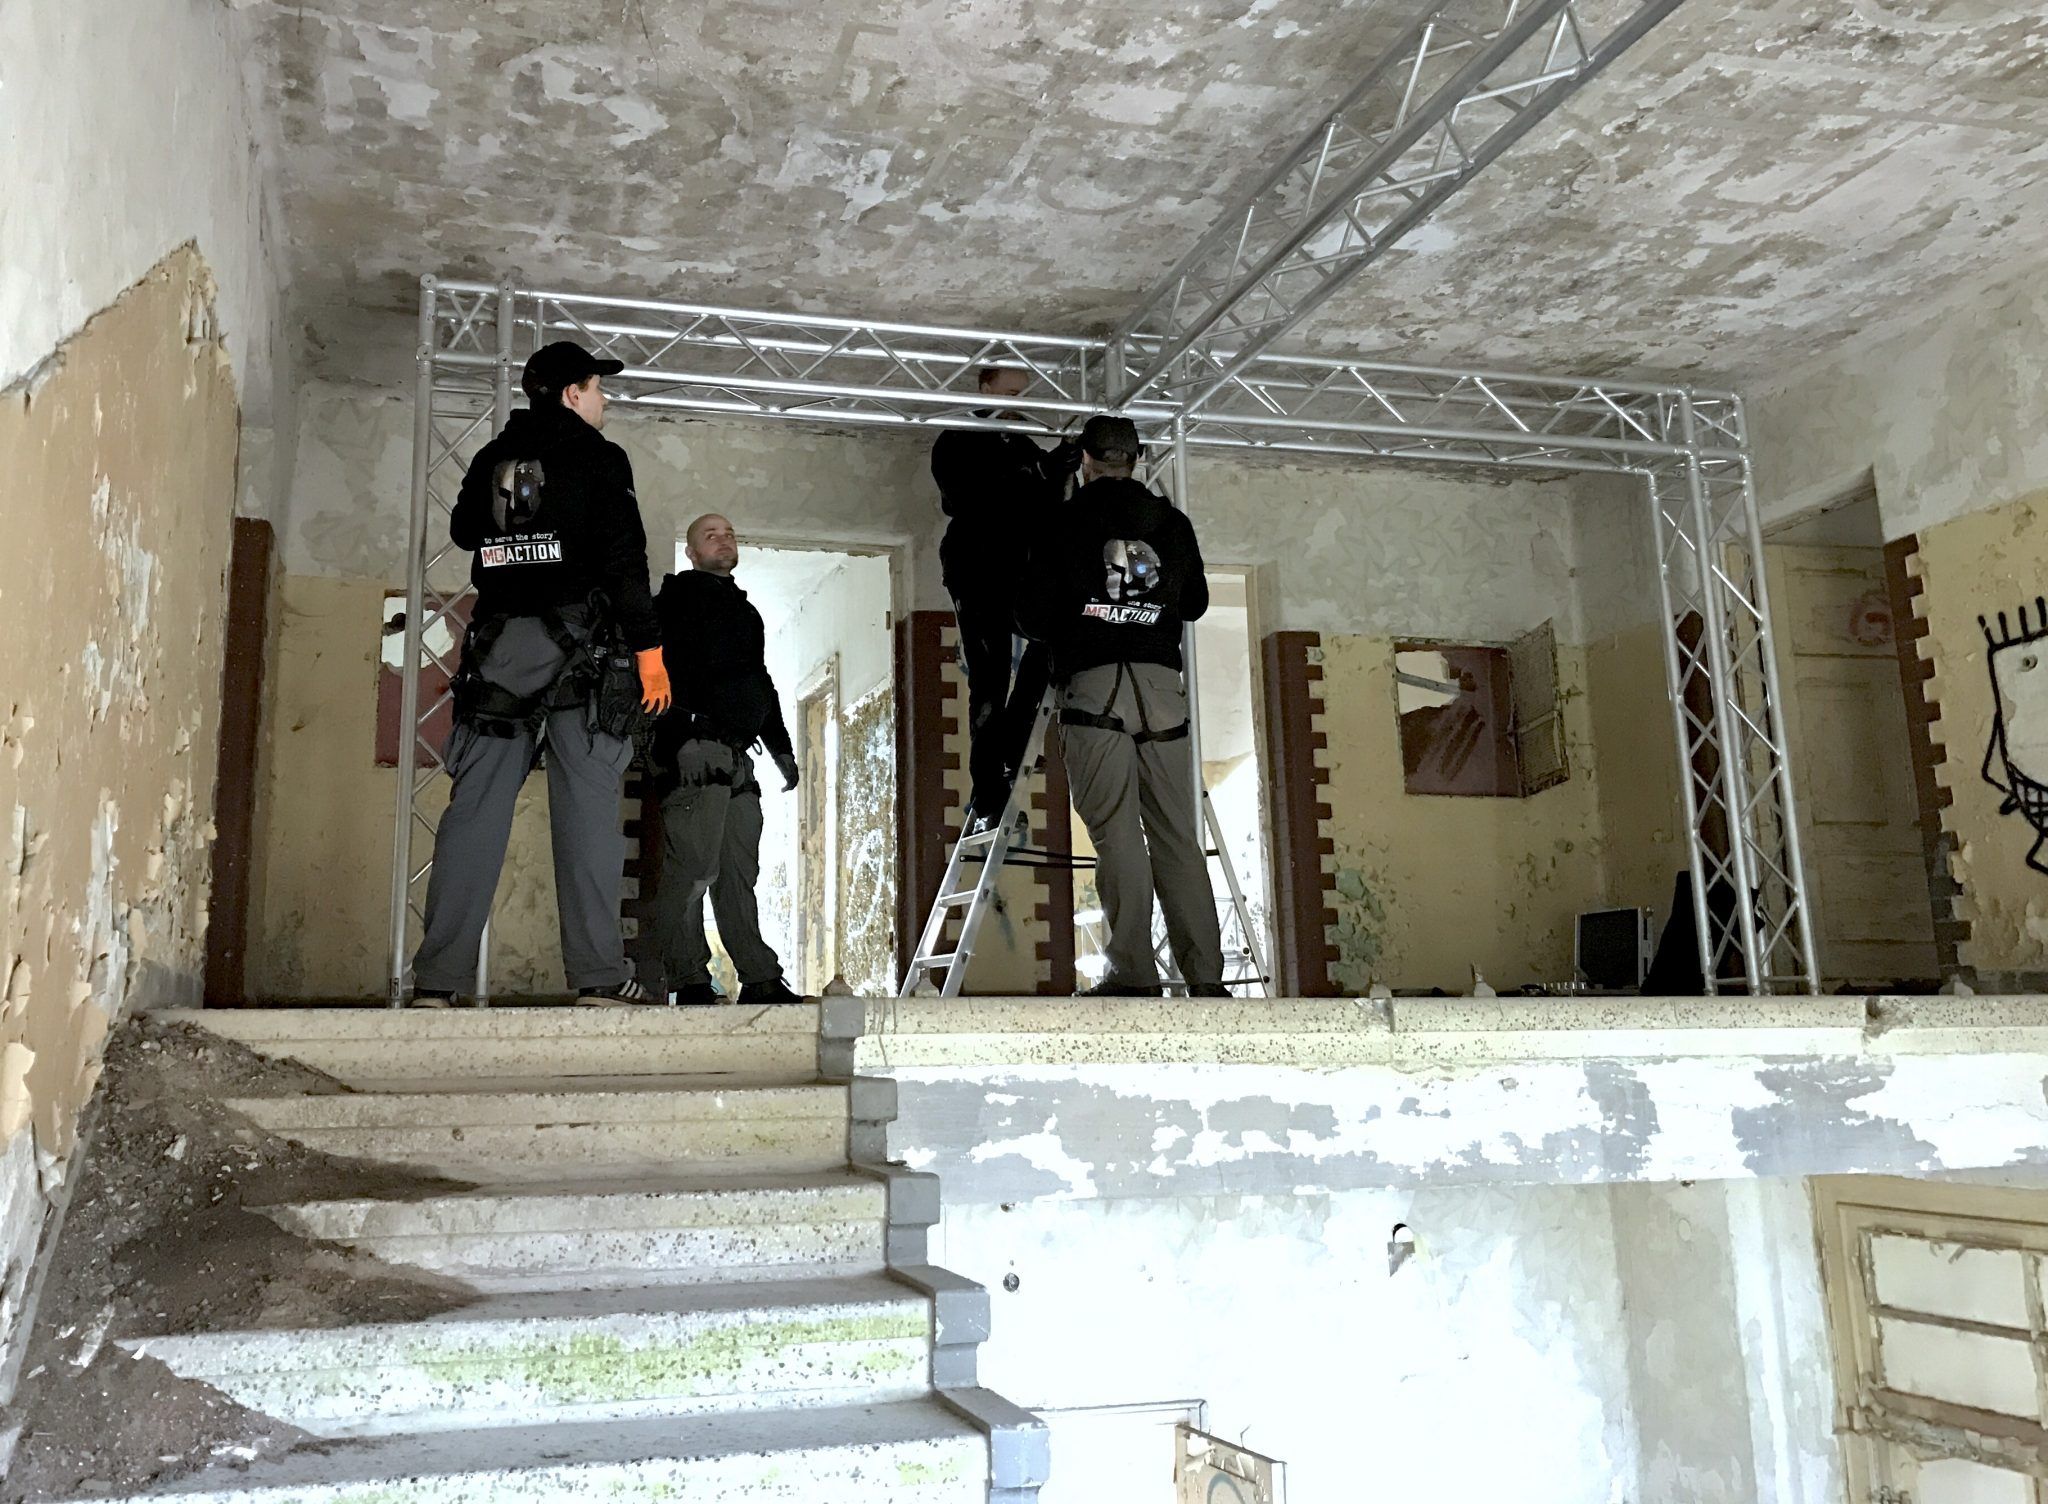 MG ACtion, Stunt Rigging Deutschland, Wirework, Stunt team deutschland